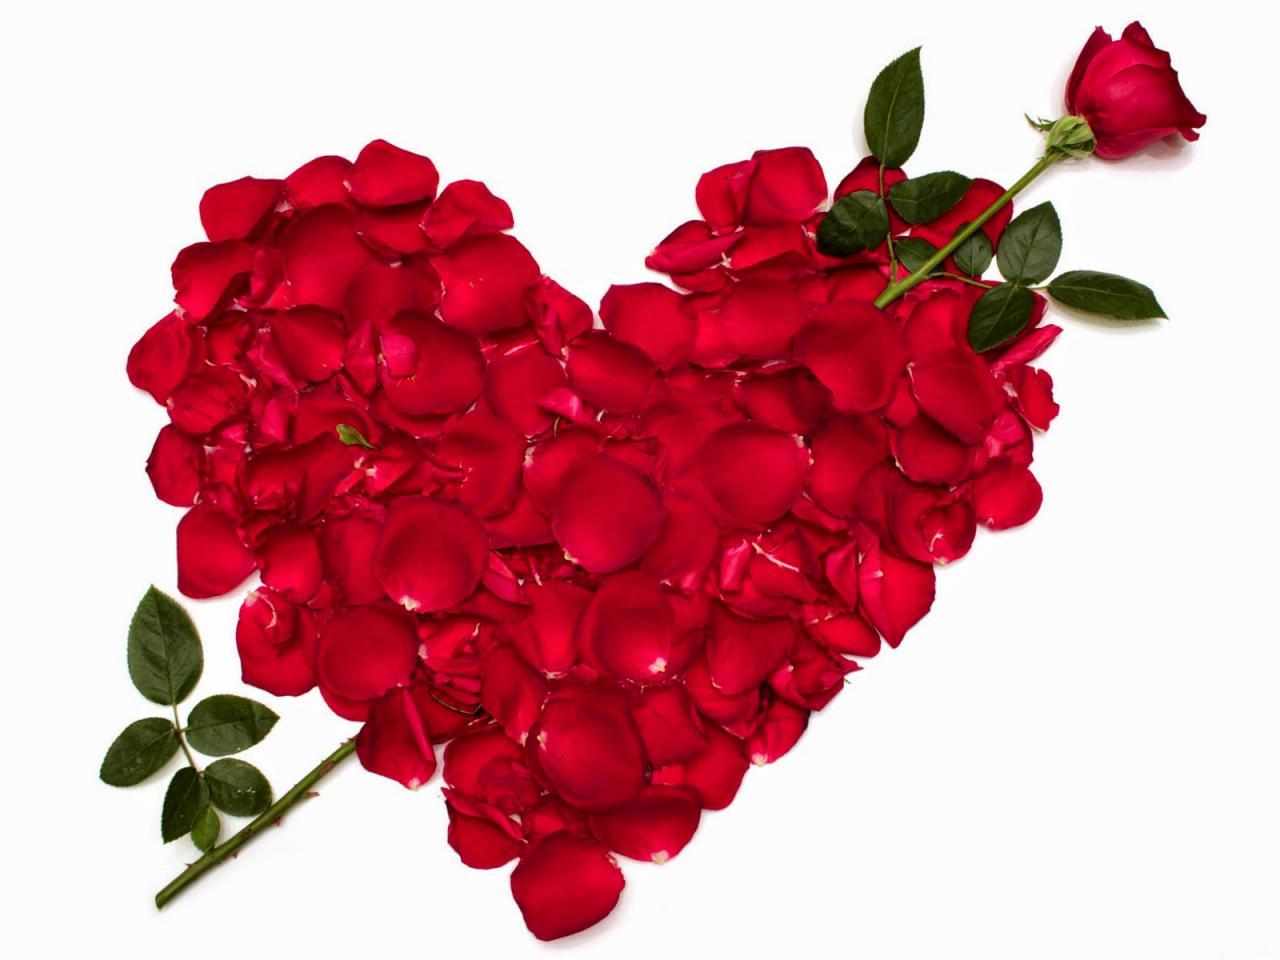 صورة اجمل رومانسيه , رسائل للحب و العشق و الغرام روووعة 667 4